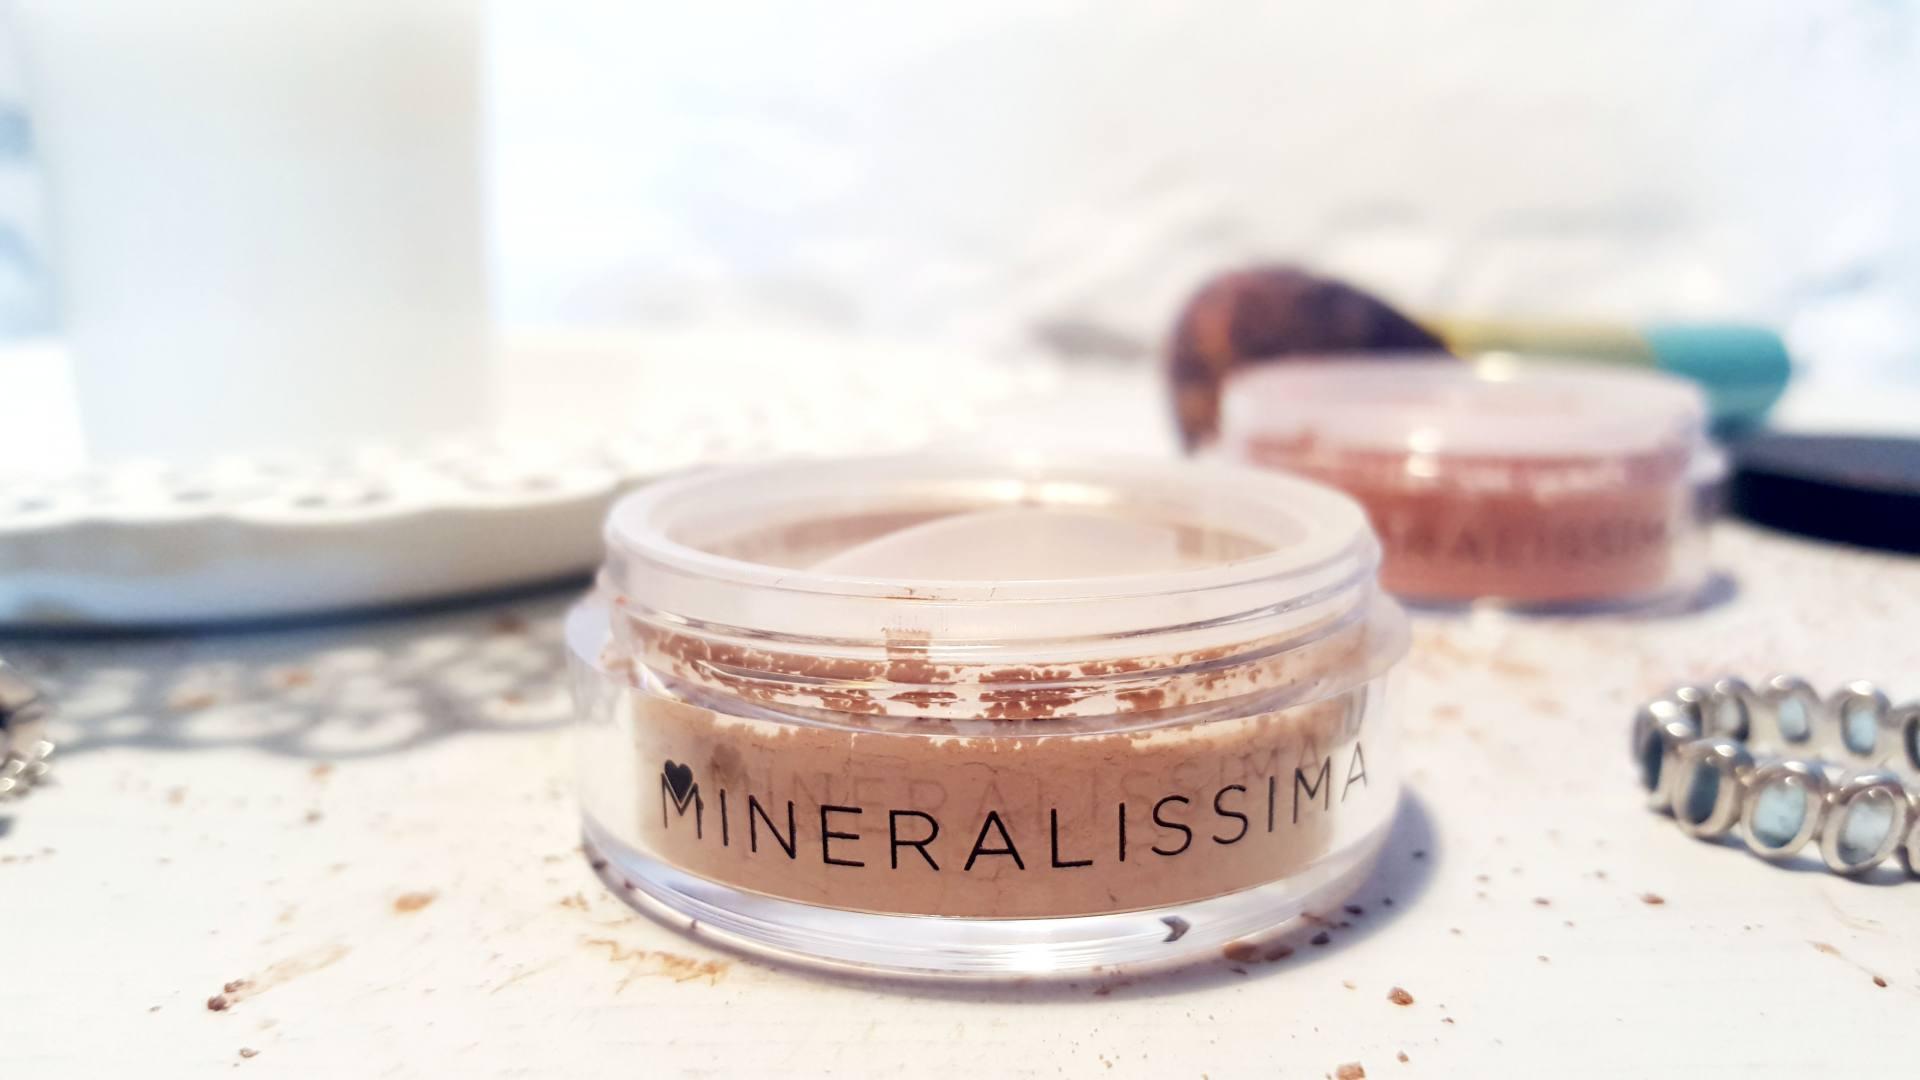 minerallisima2